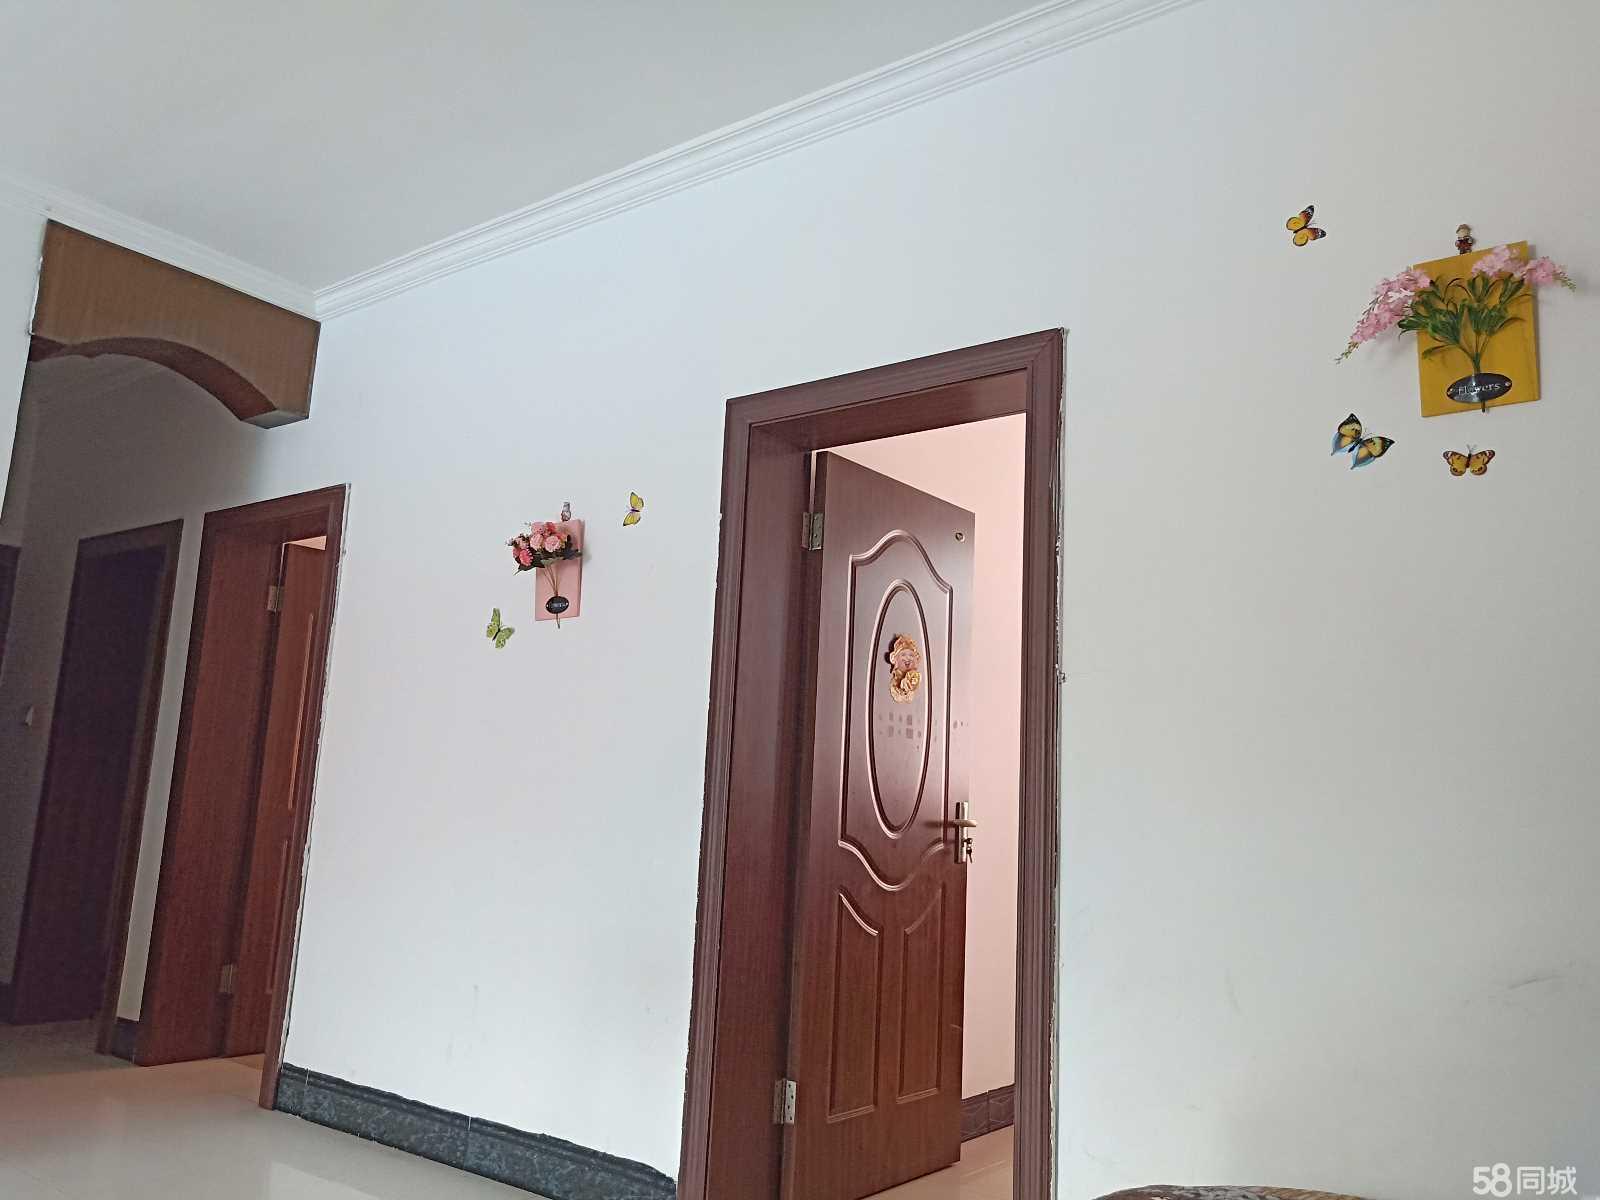 元阳综合公司住宿楼3室2厅2卫115平米